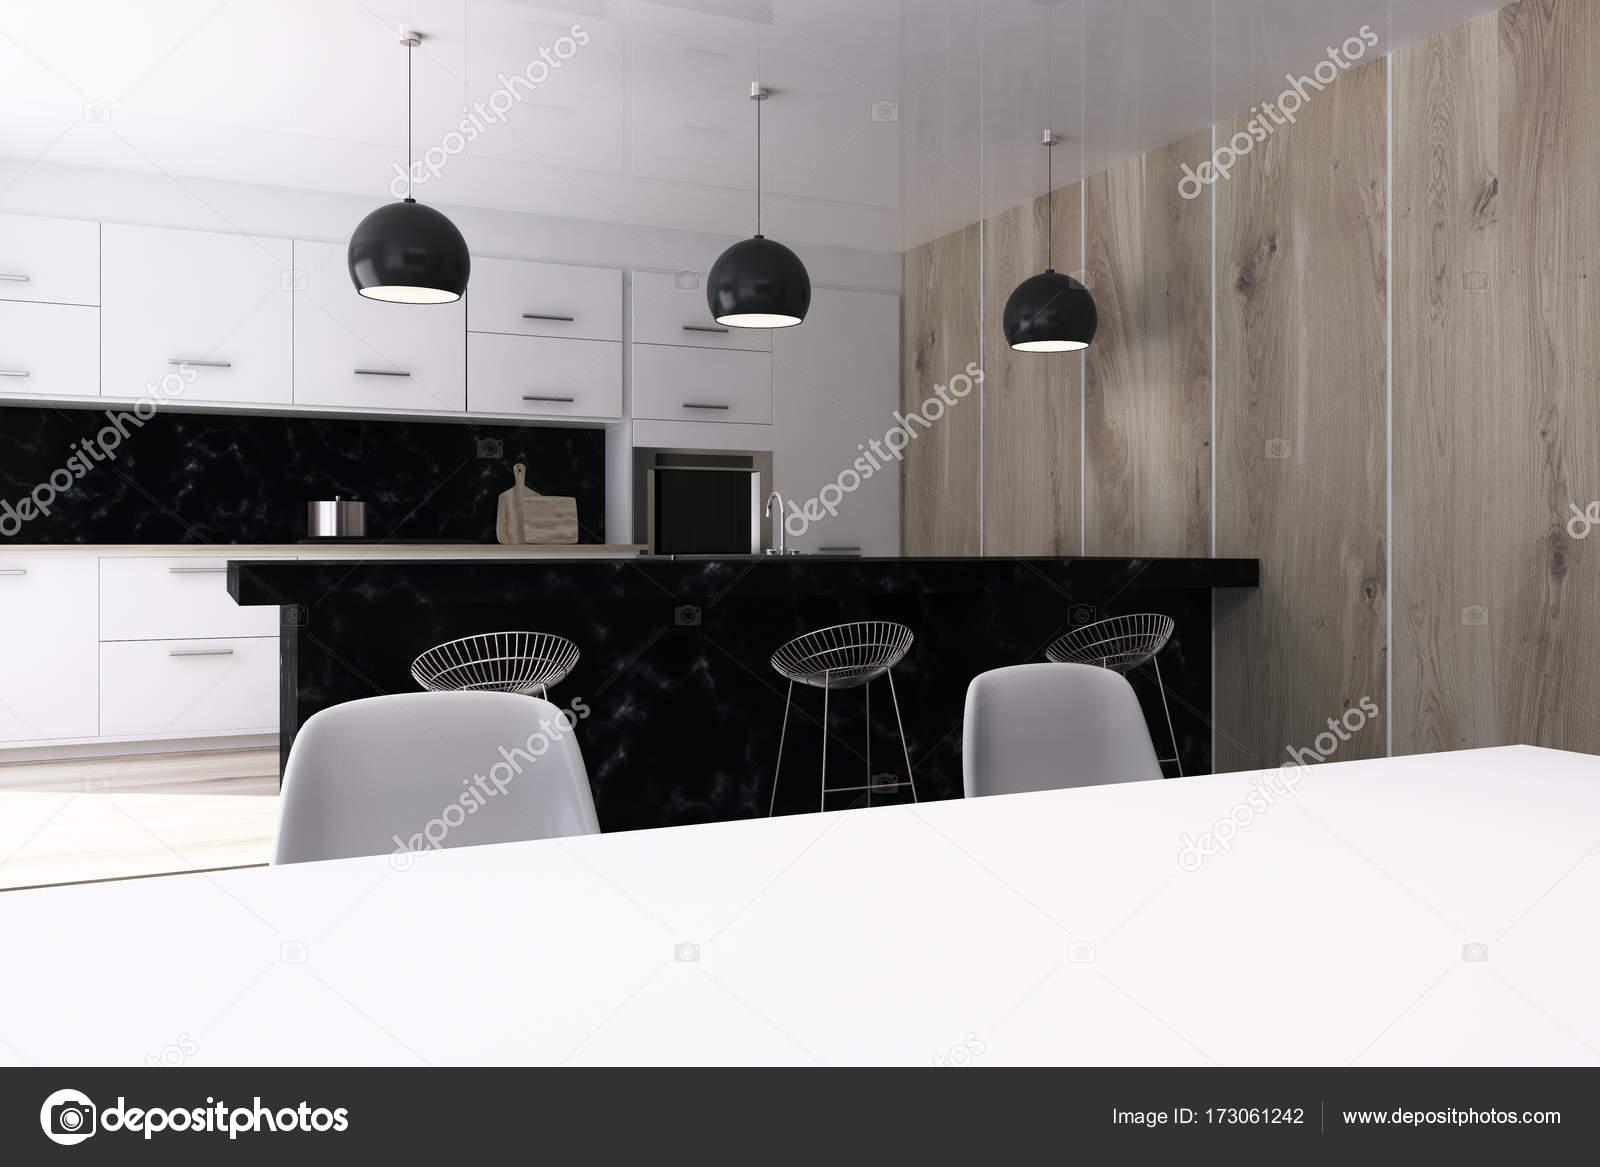 Tavolo Bianco E Nero Cucina.Cucina Bianca Con Una Barra Nera Stand Tavolo Foto Stock